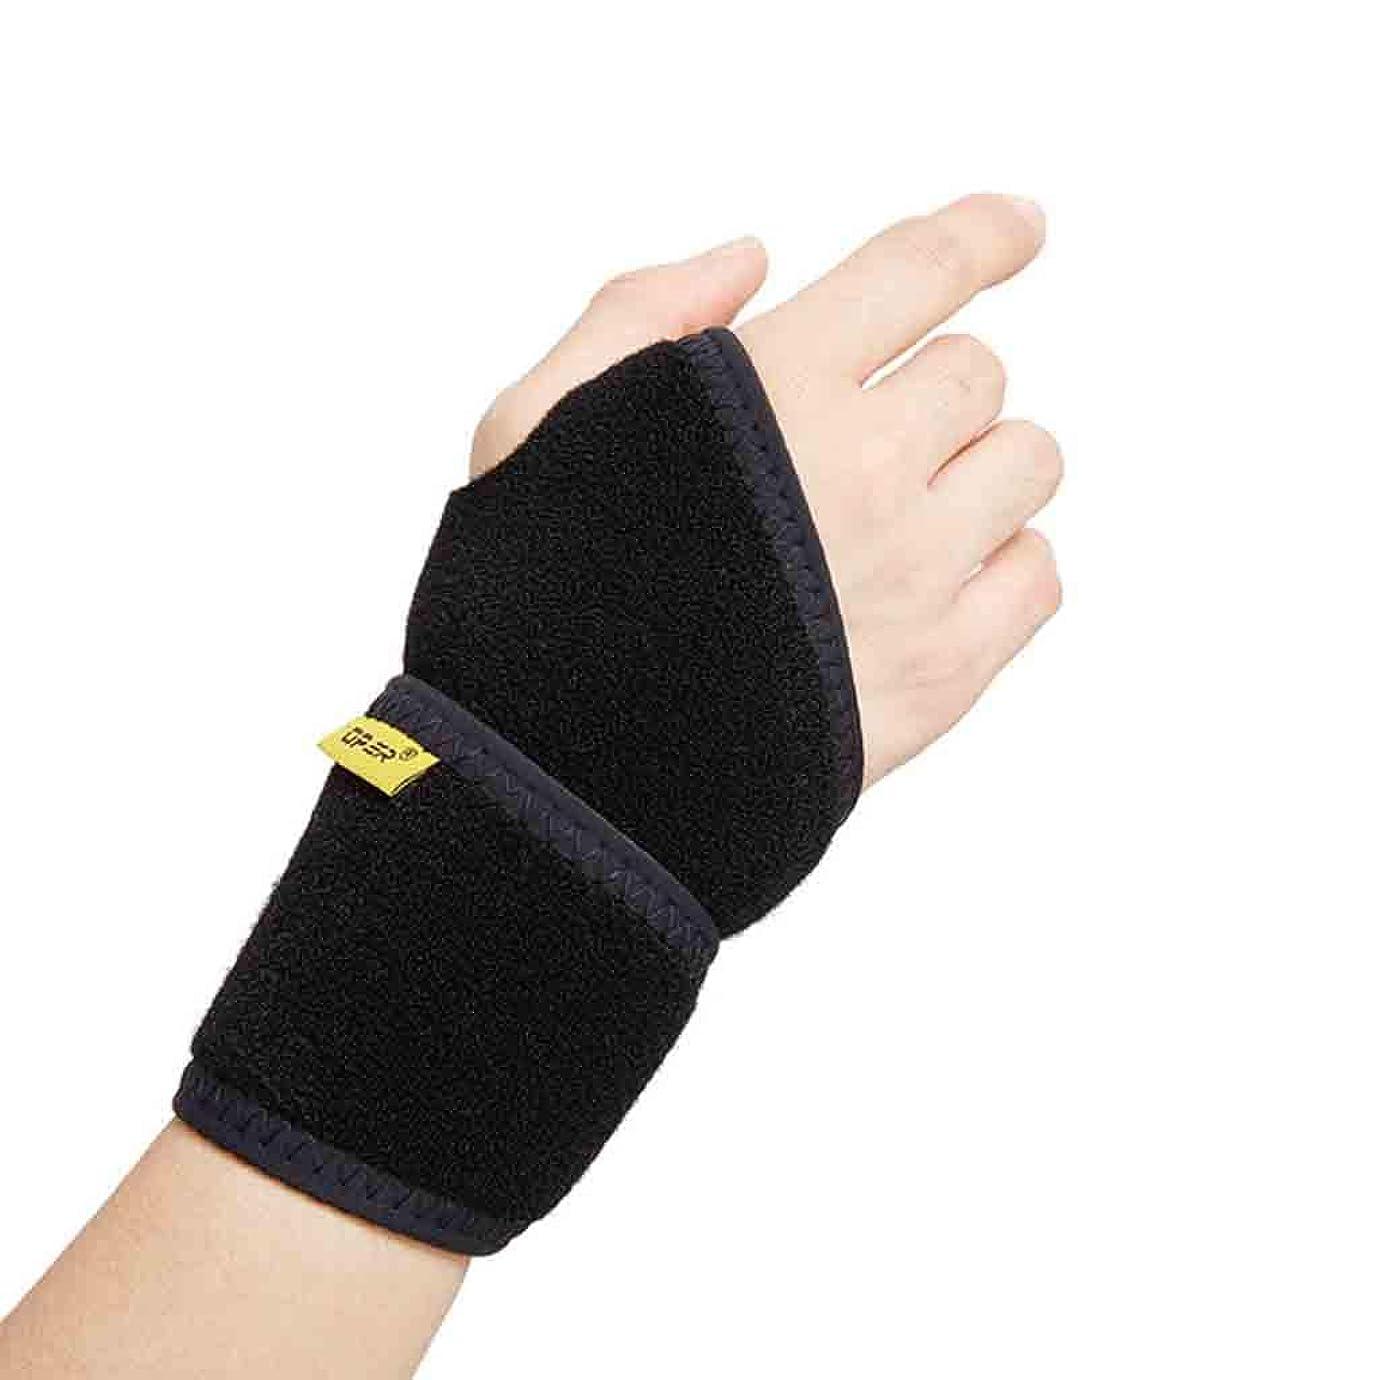 ことわざ読書速報関節炎のためのThumbのスプリントは右手の手首サポート左手手根サポートを手根管トンネルの痛みを軽減するための男性と女性をトリガー Roscloud@